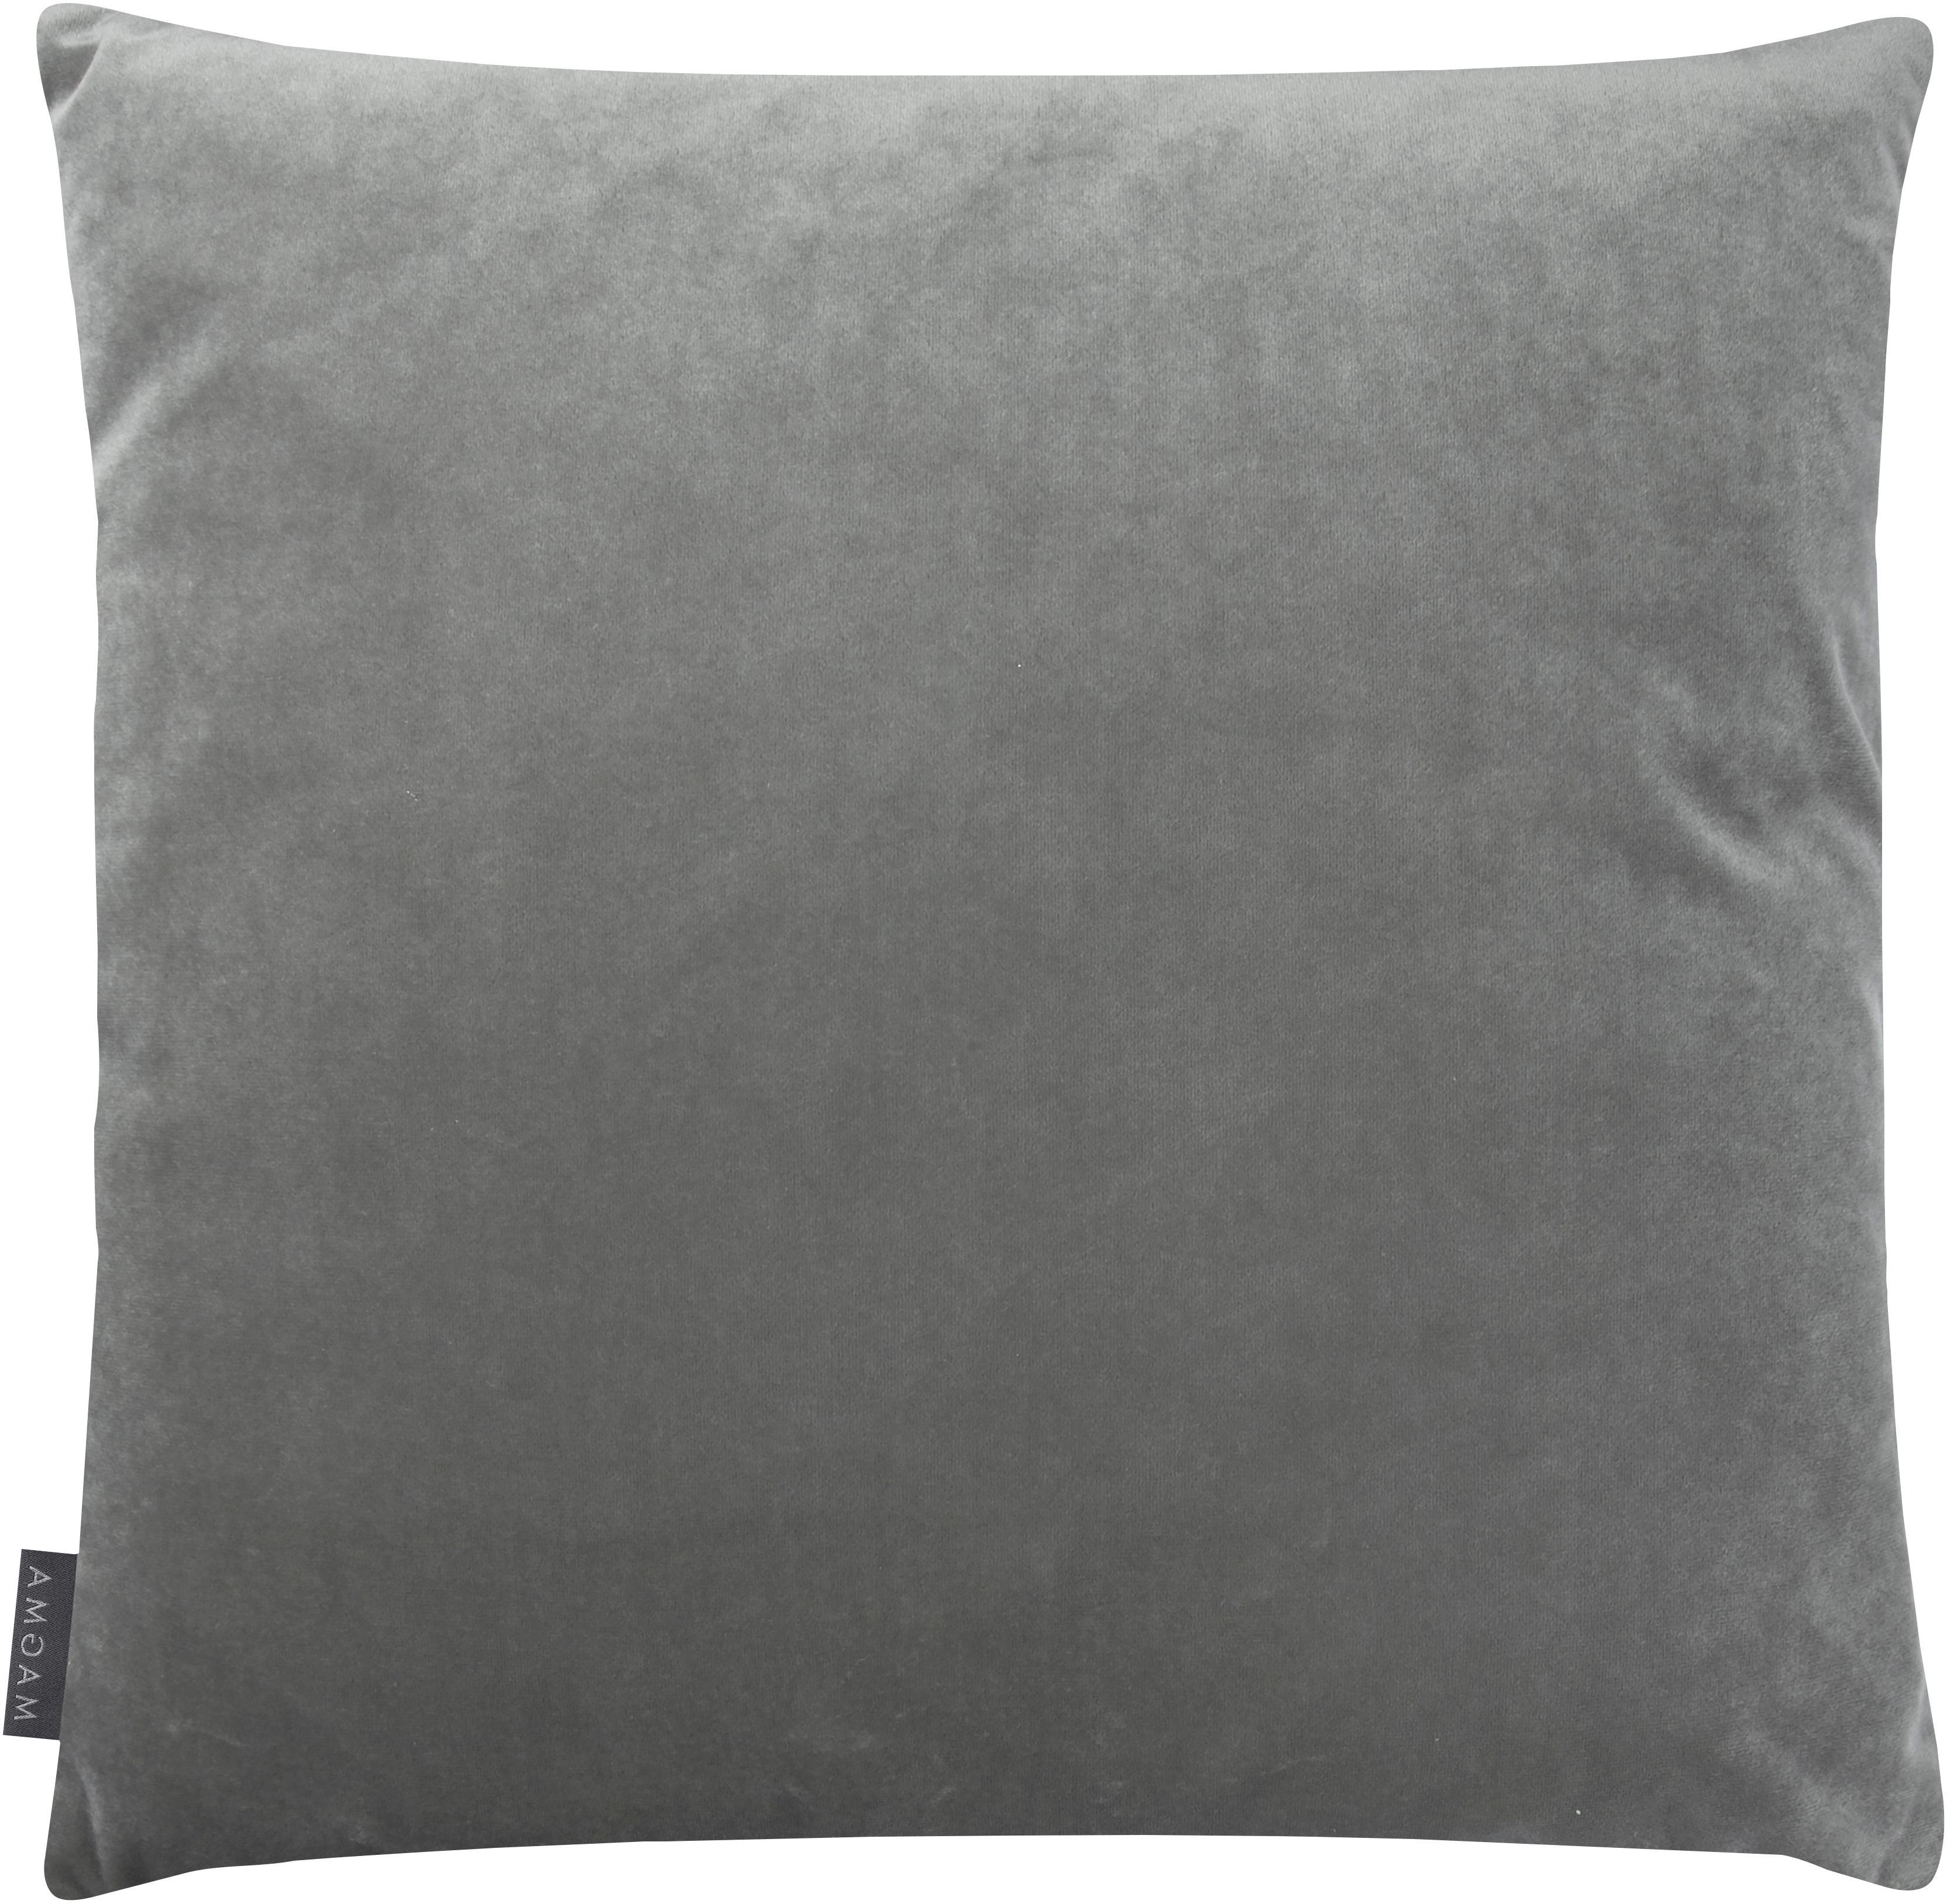 Samt-Kissenhülle Nobless mit erhabenem Rautenmuster, 100% Polyestersamt, Grau, 50 x 50 cm